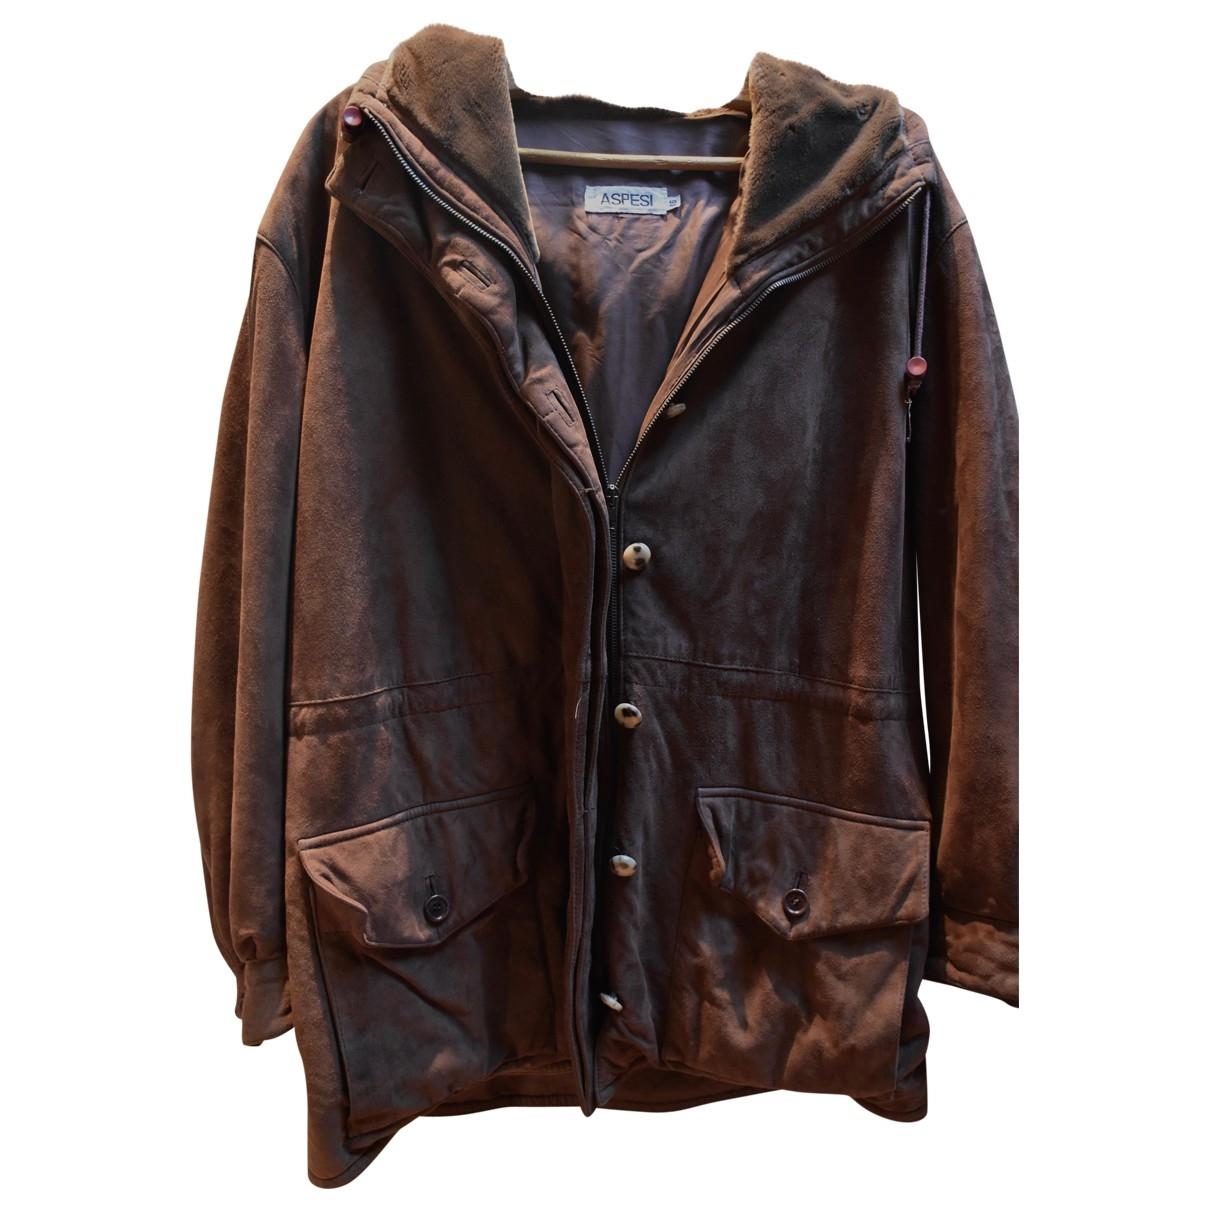 Aspesi - Manteau   pour homme en cuir - marron